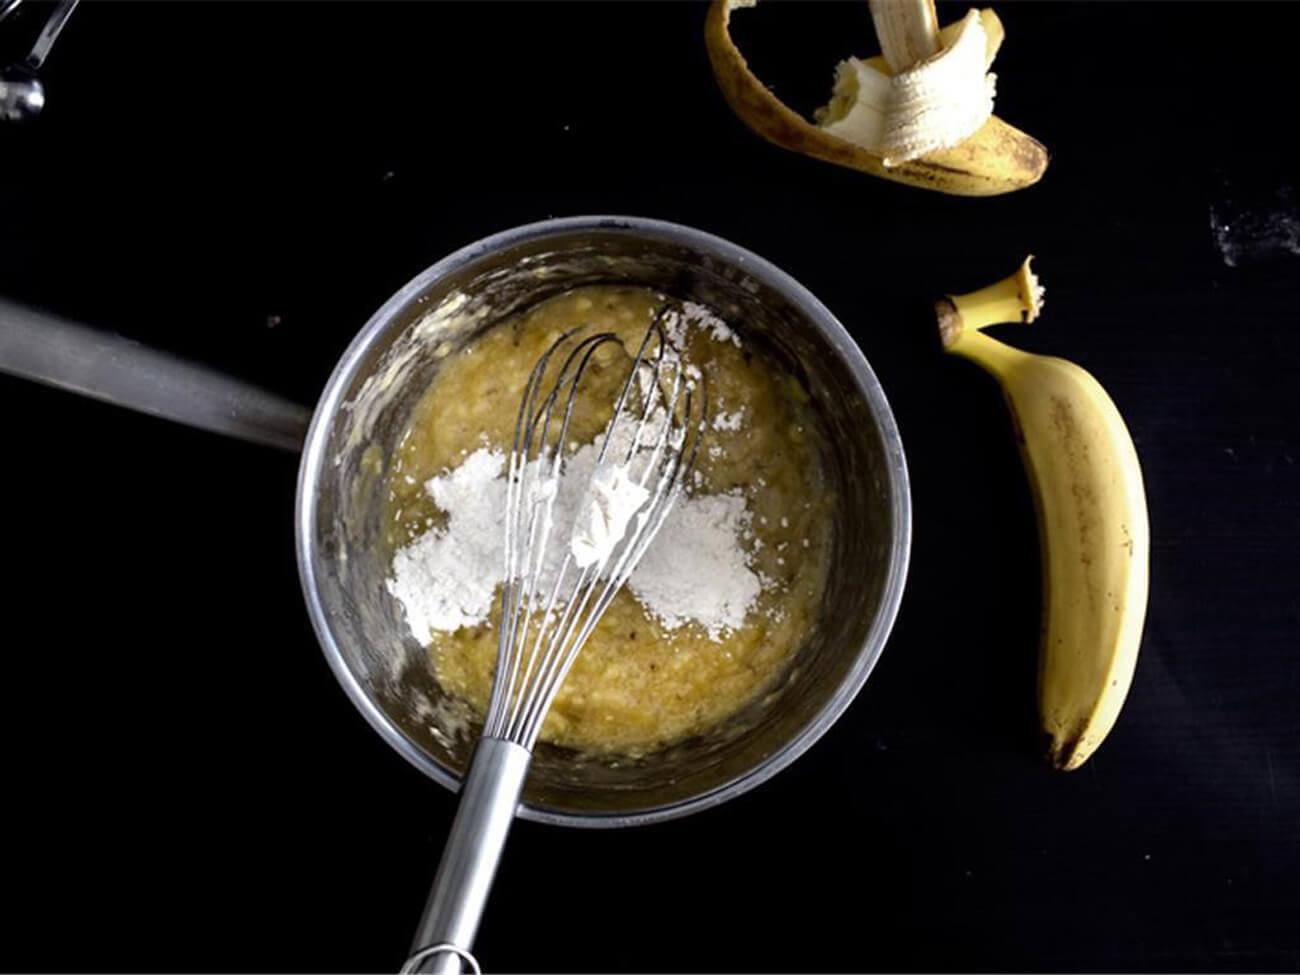 Соединить очищенные бананы и сахар в кастрюле, размять бананы настолько, насколько это возможно сделать венчиком. Добавить муку и хорошо перемешать